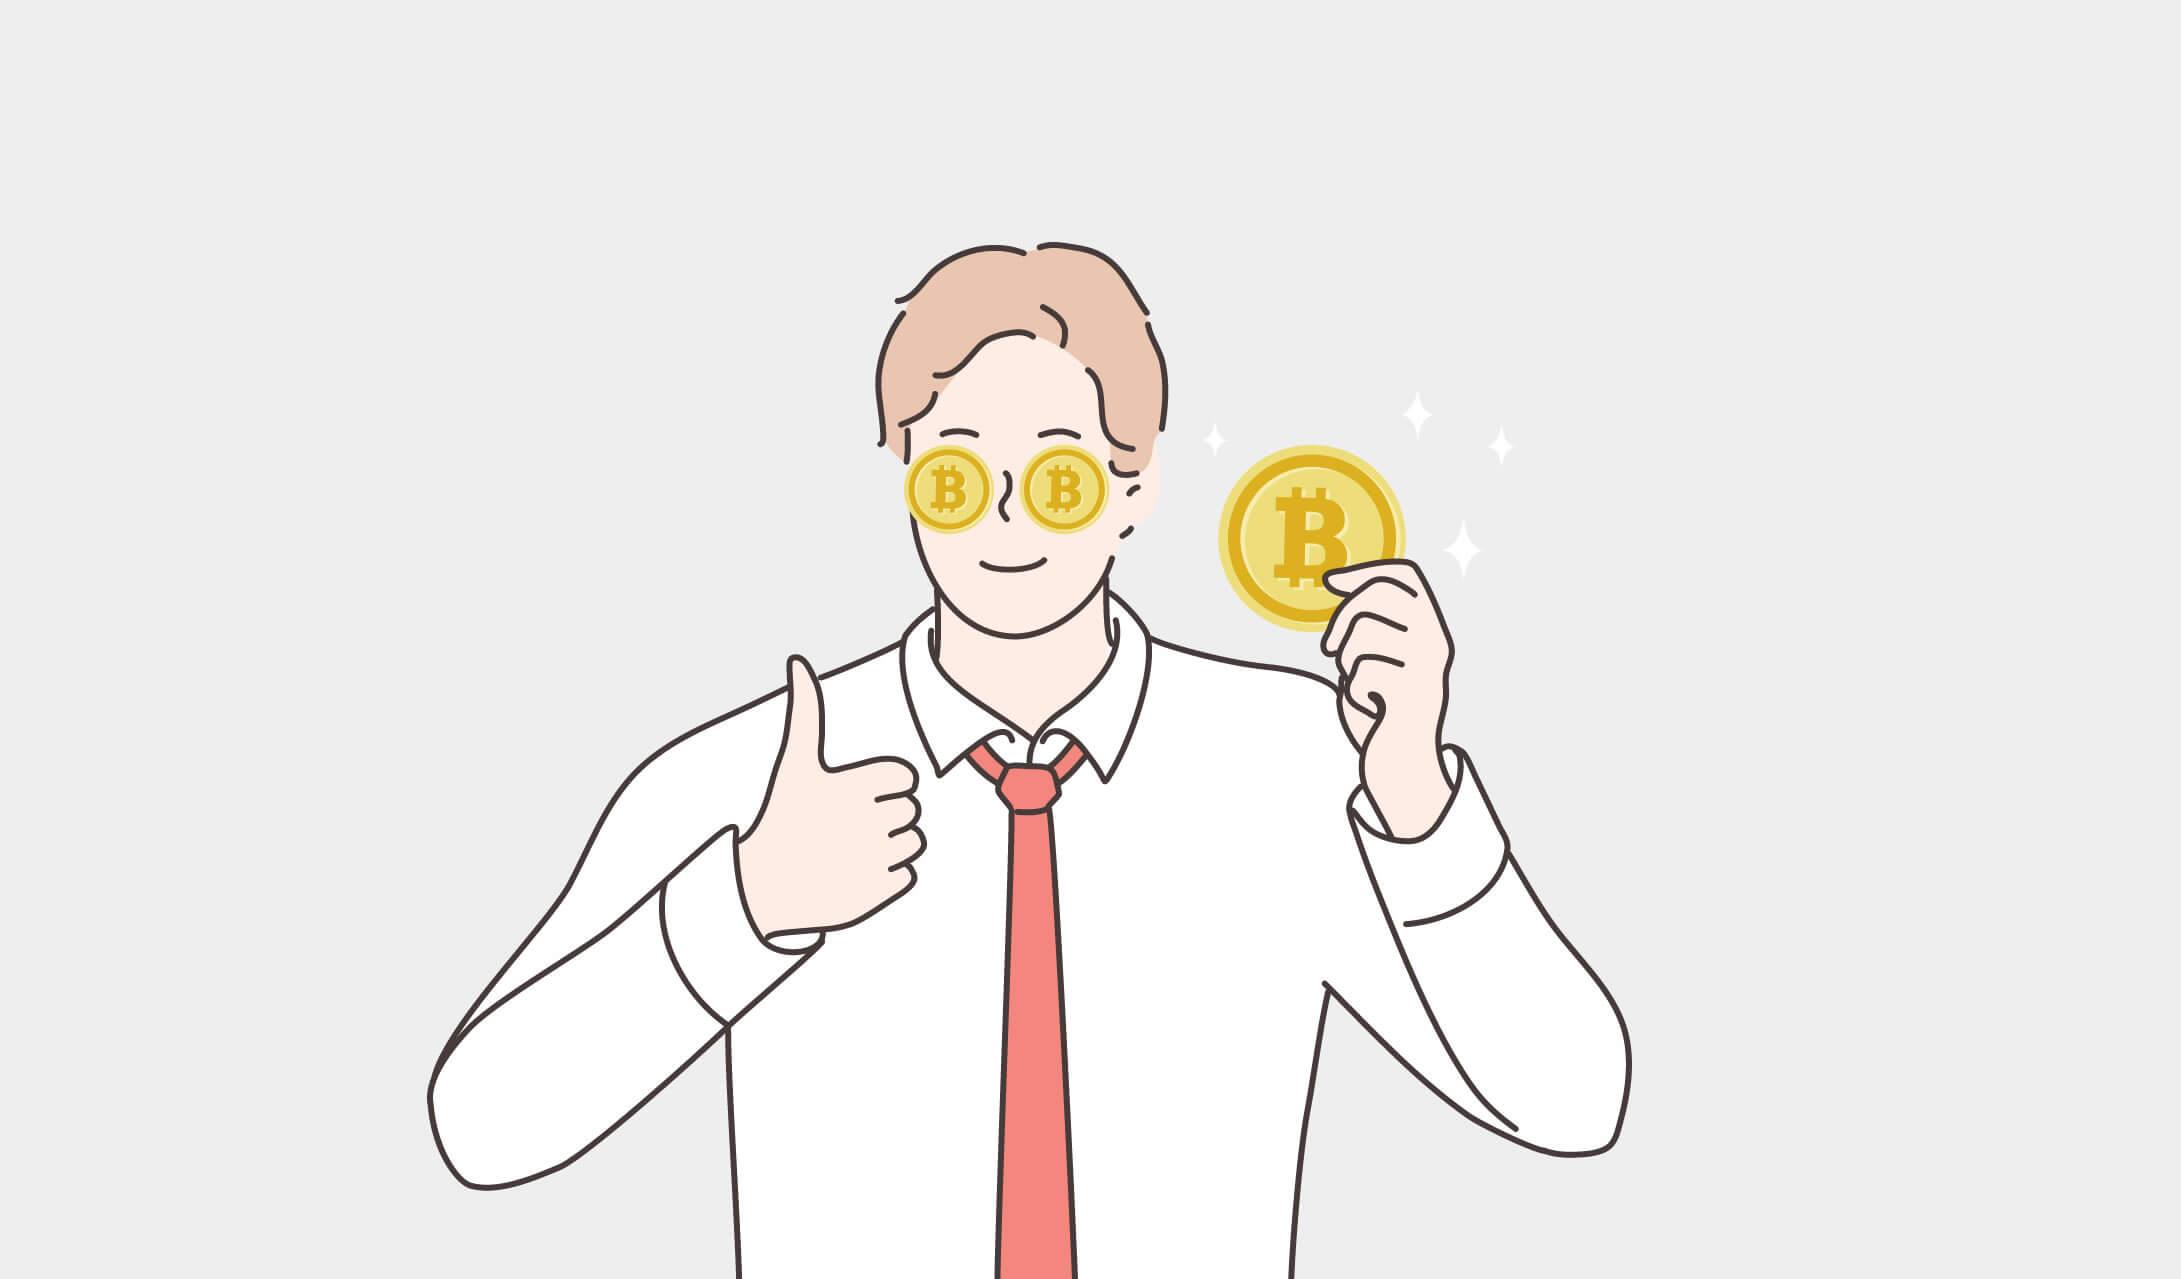 仮想通貨へ投資する理由が見えてきたあなたへ